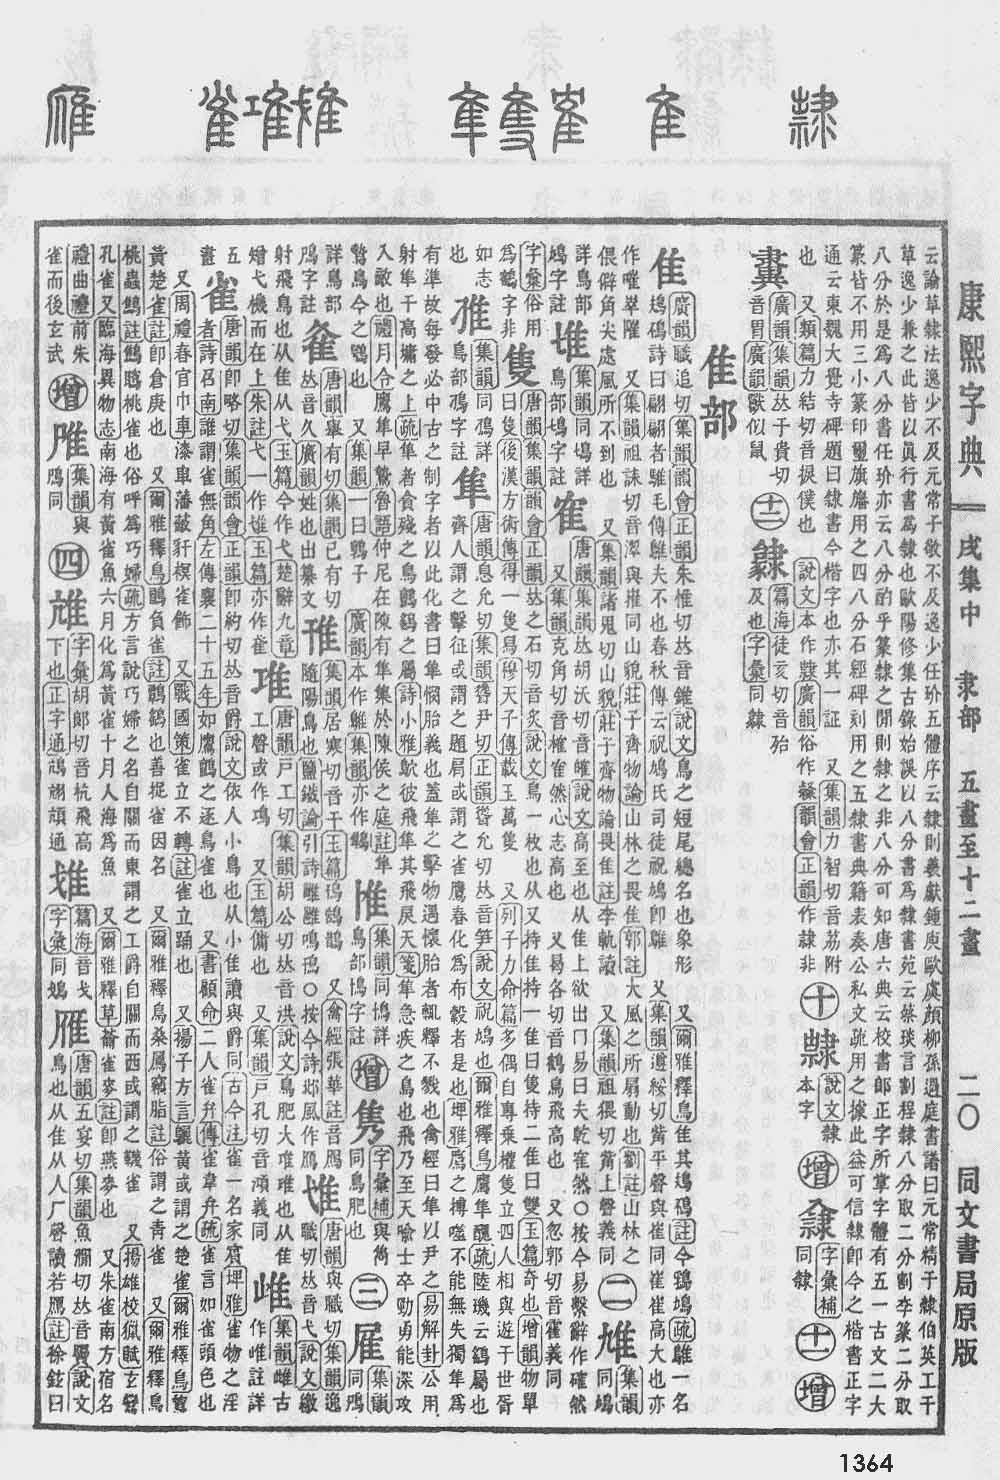 《康熙字典》第1364页